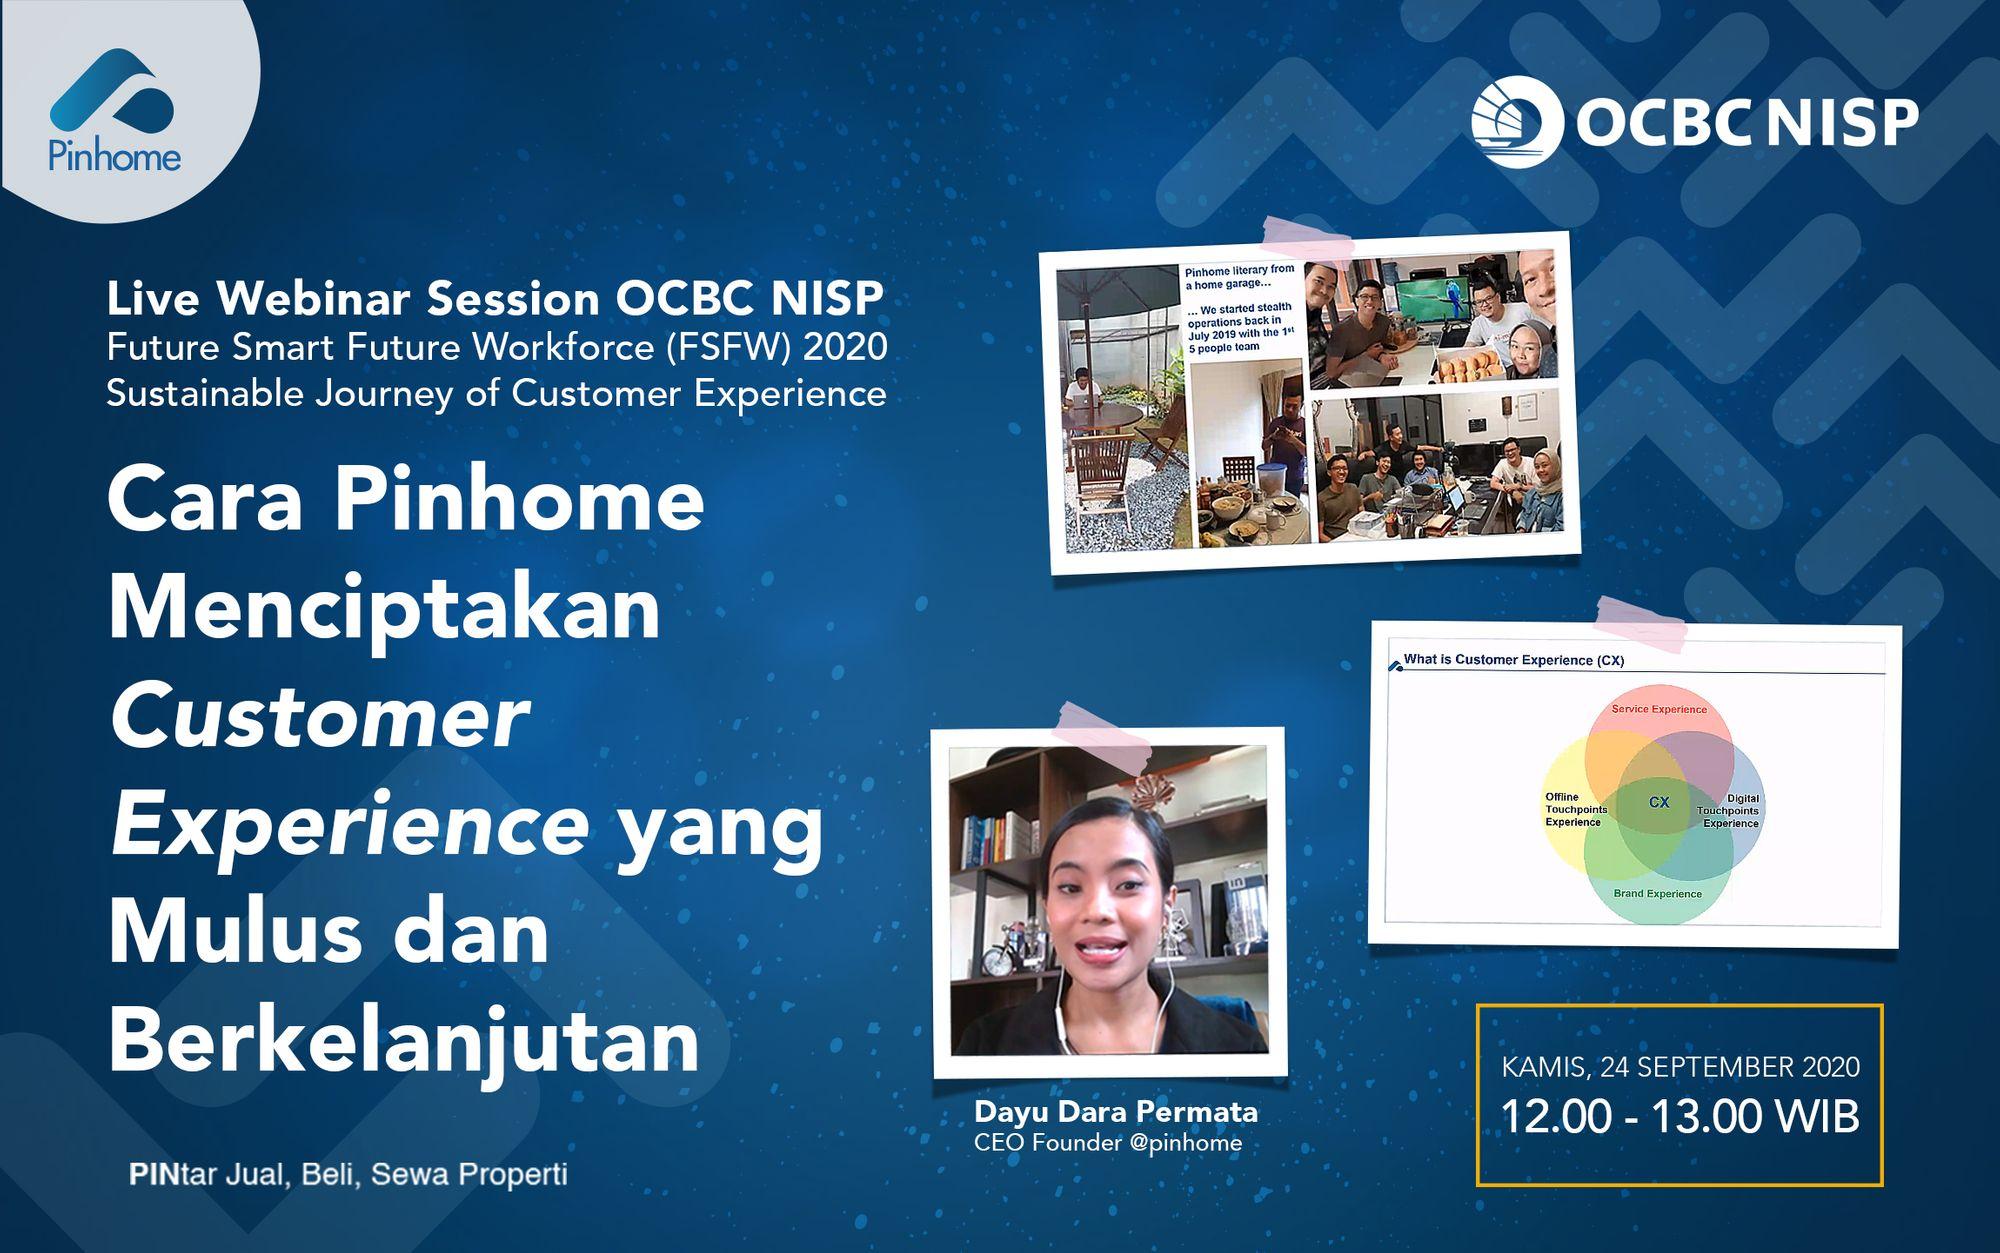 Pinhome di OCBC NISP Future Smart Future Workforce 2020